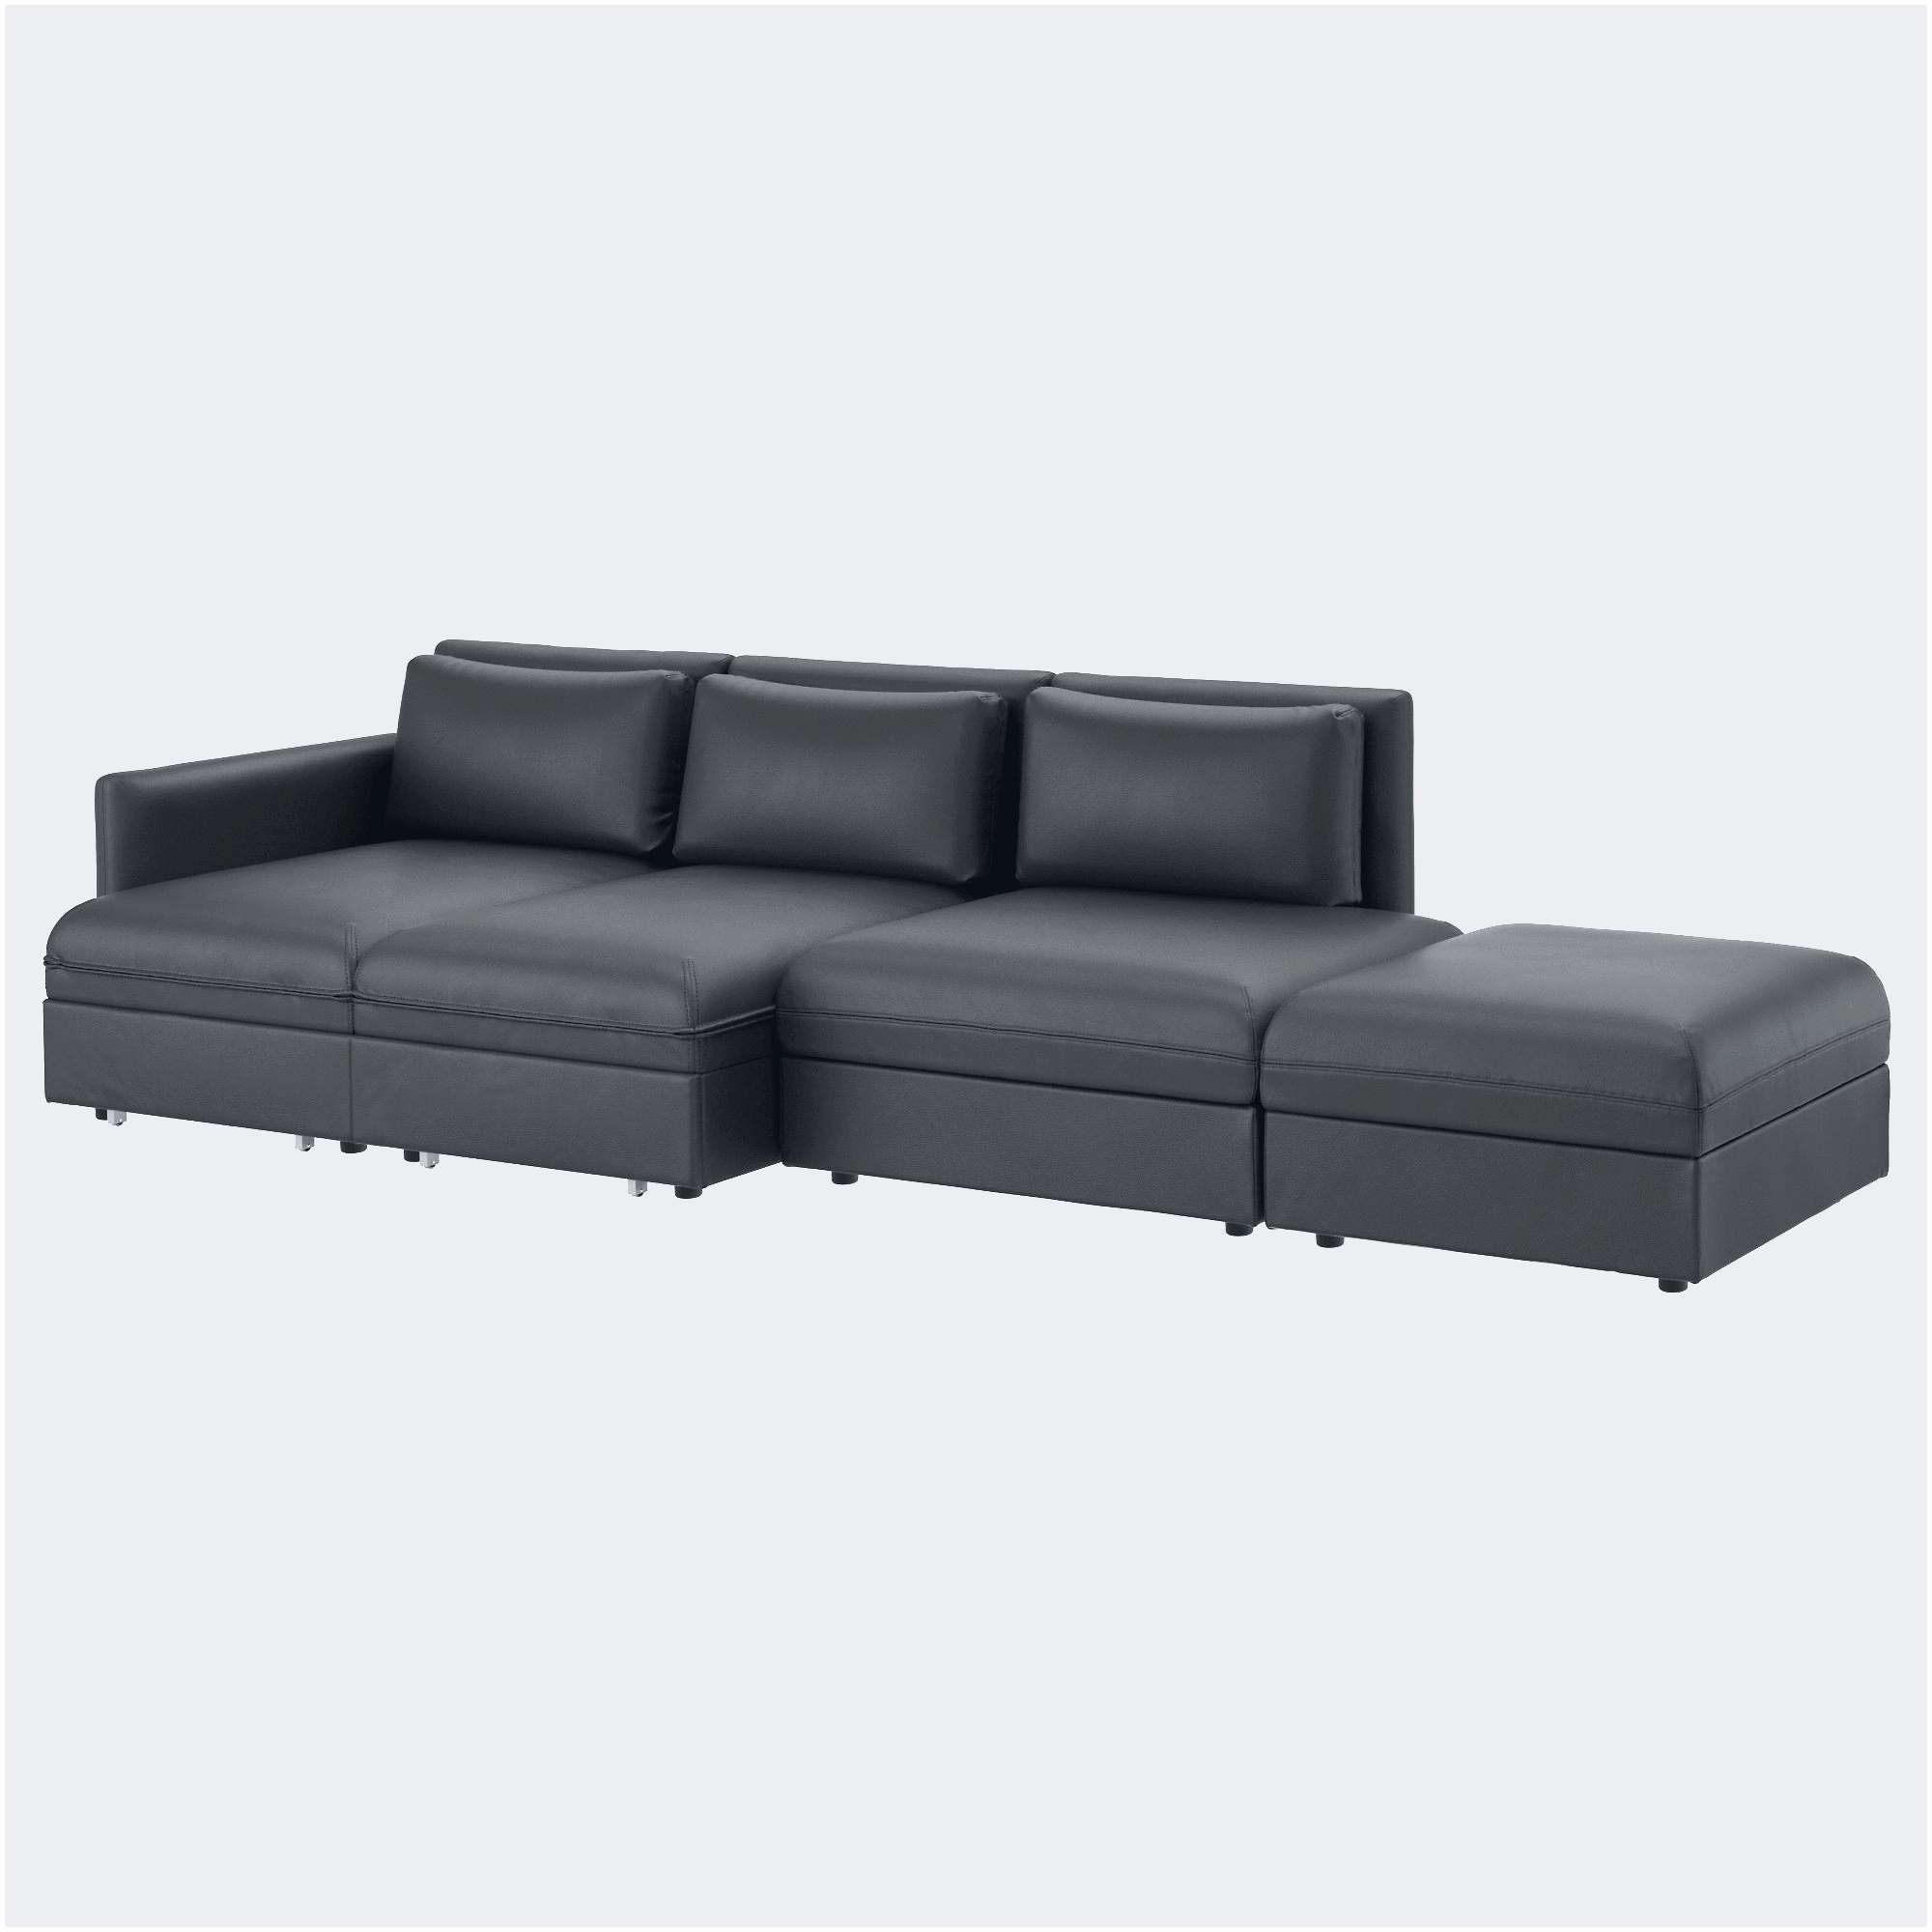 Ikea Canapé Lit Convertible Magnifique Elégant Le Inspirant Avec Magnifique Canape é Places En Ce Qui